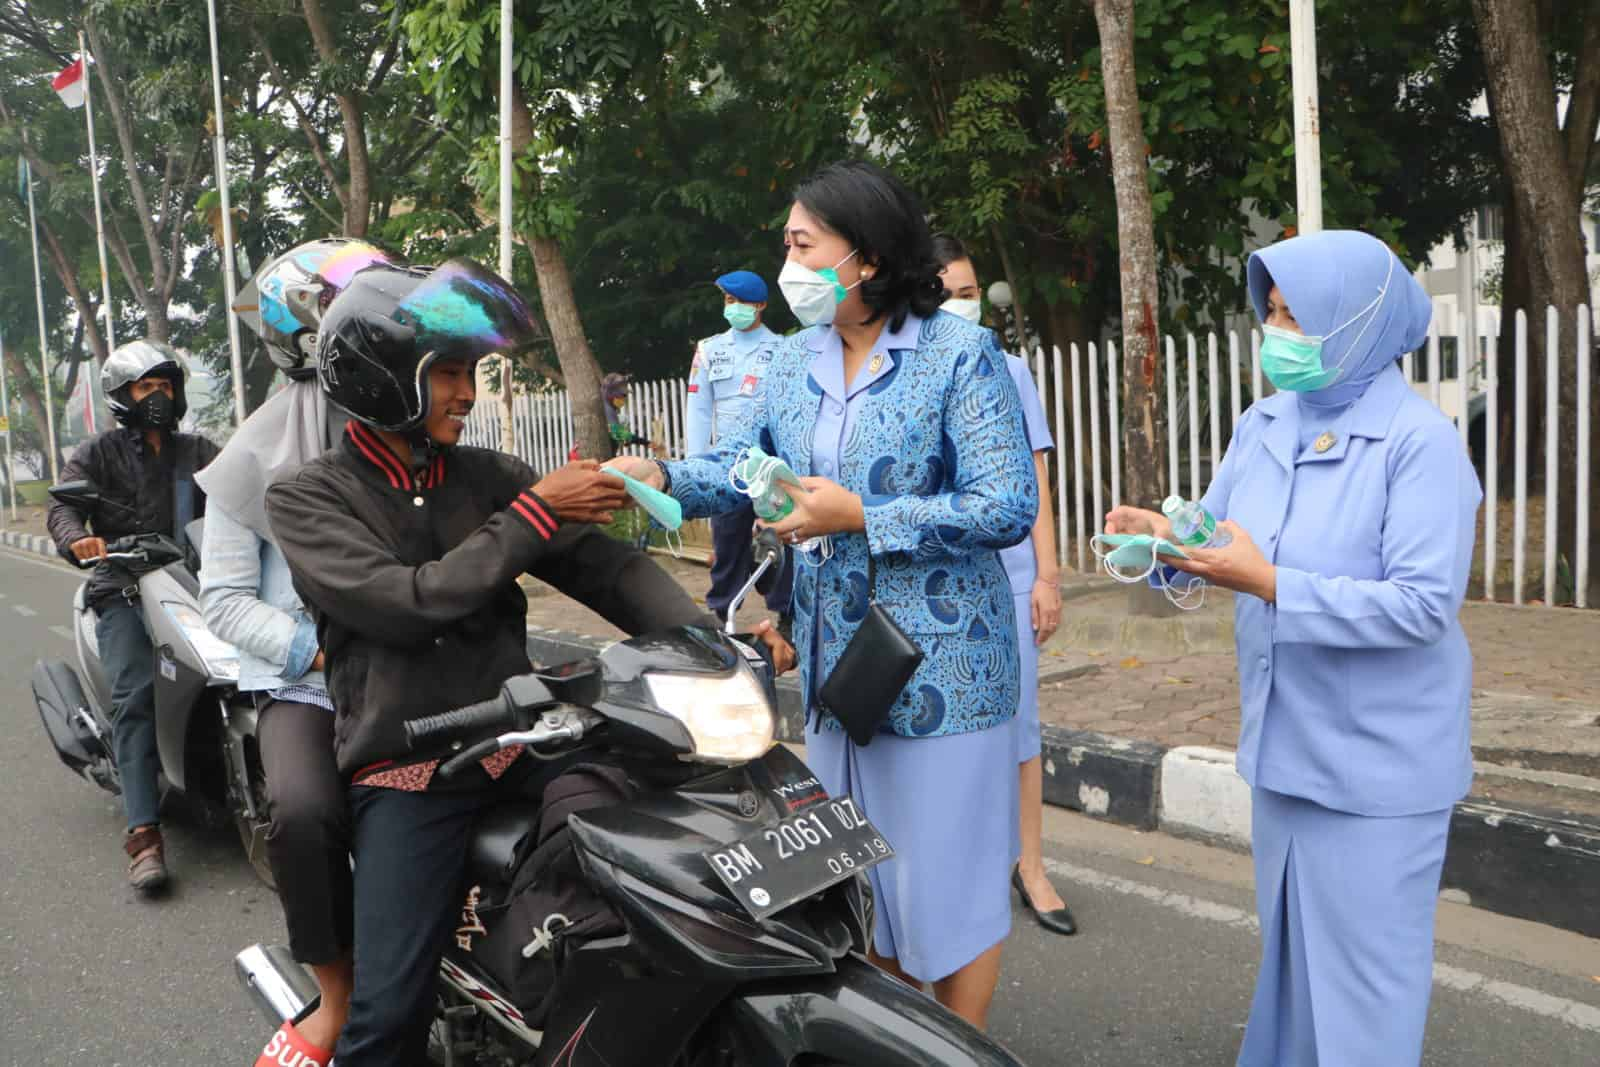 PIA Ardhya Garini Cab.12/D.I Lanud Rsn Bagikan Masker Kepada Masyarakat